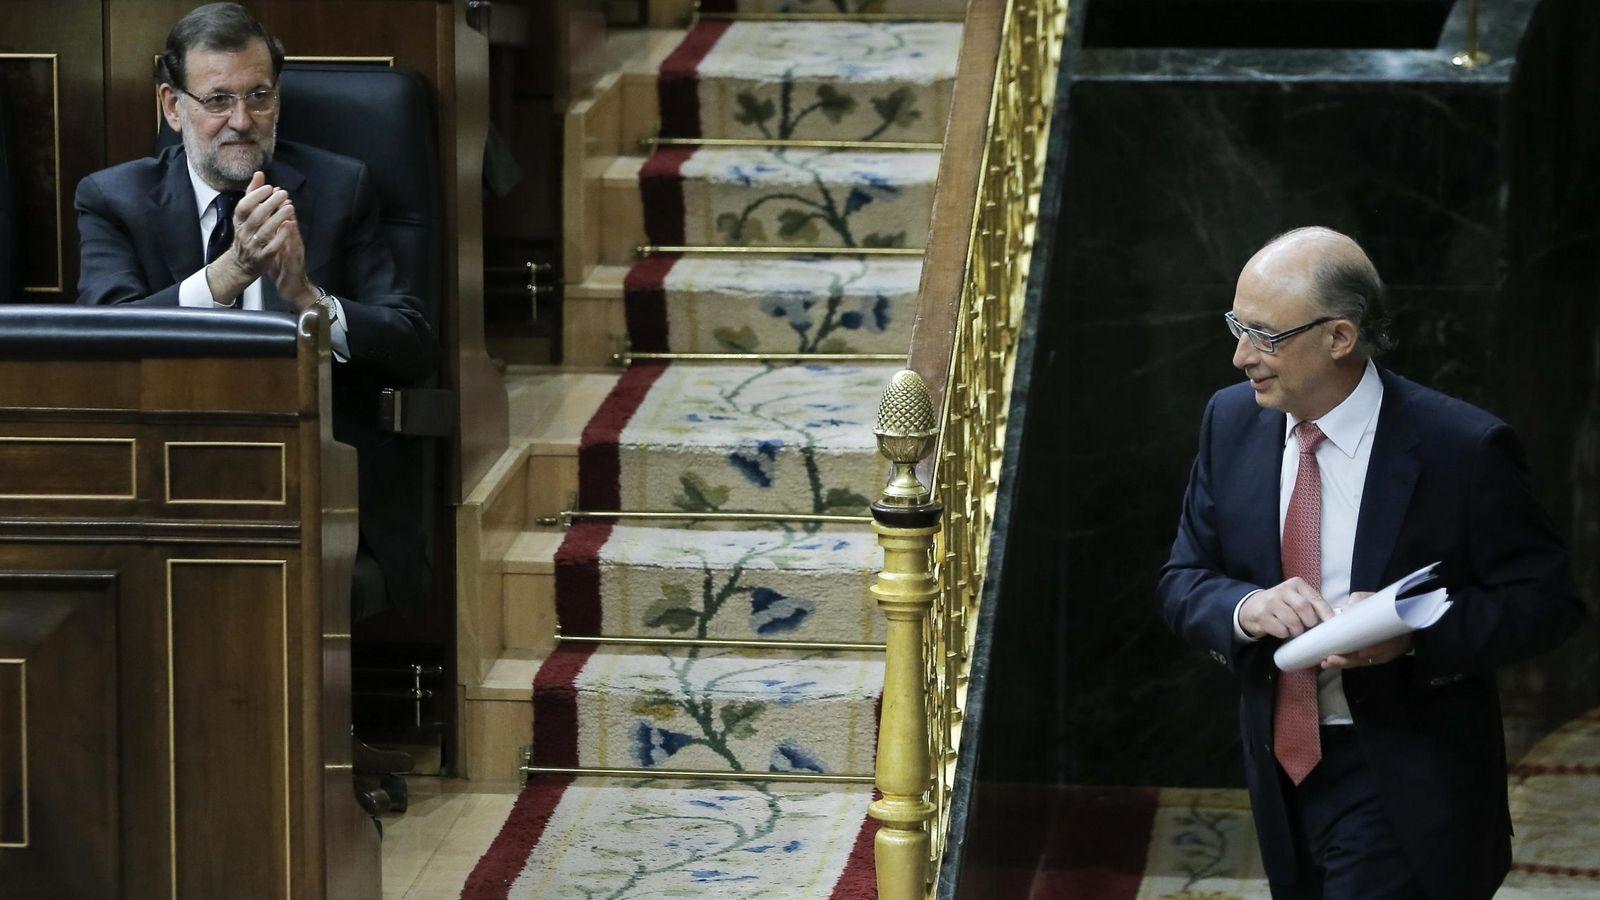 Foto: El ministro de Hacienda recibe el aplauso del presidente del Gobierno, Mariano Rajoy. (EFE)